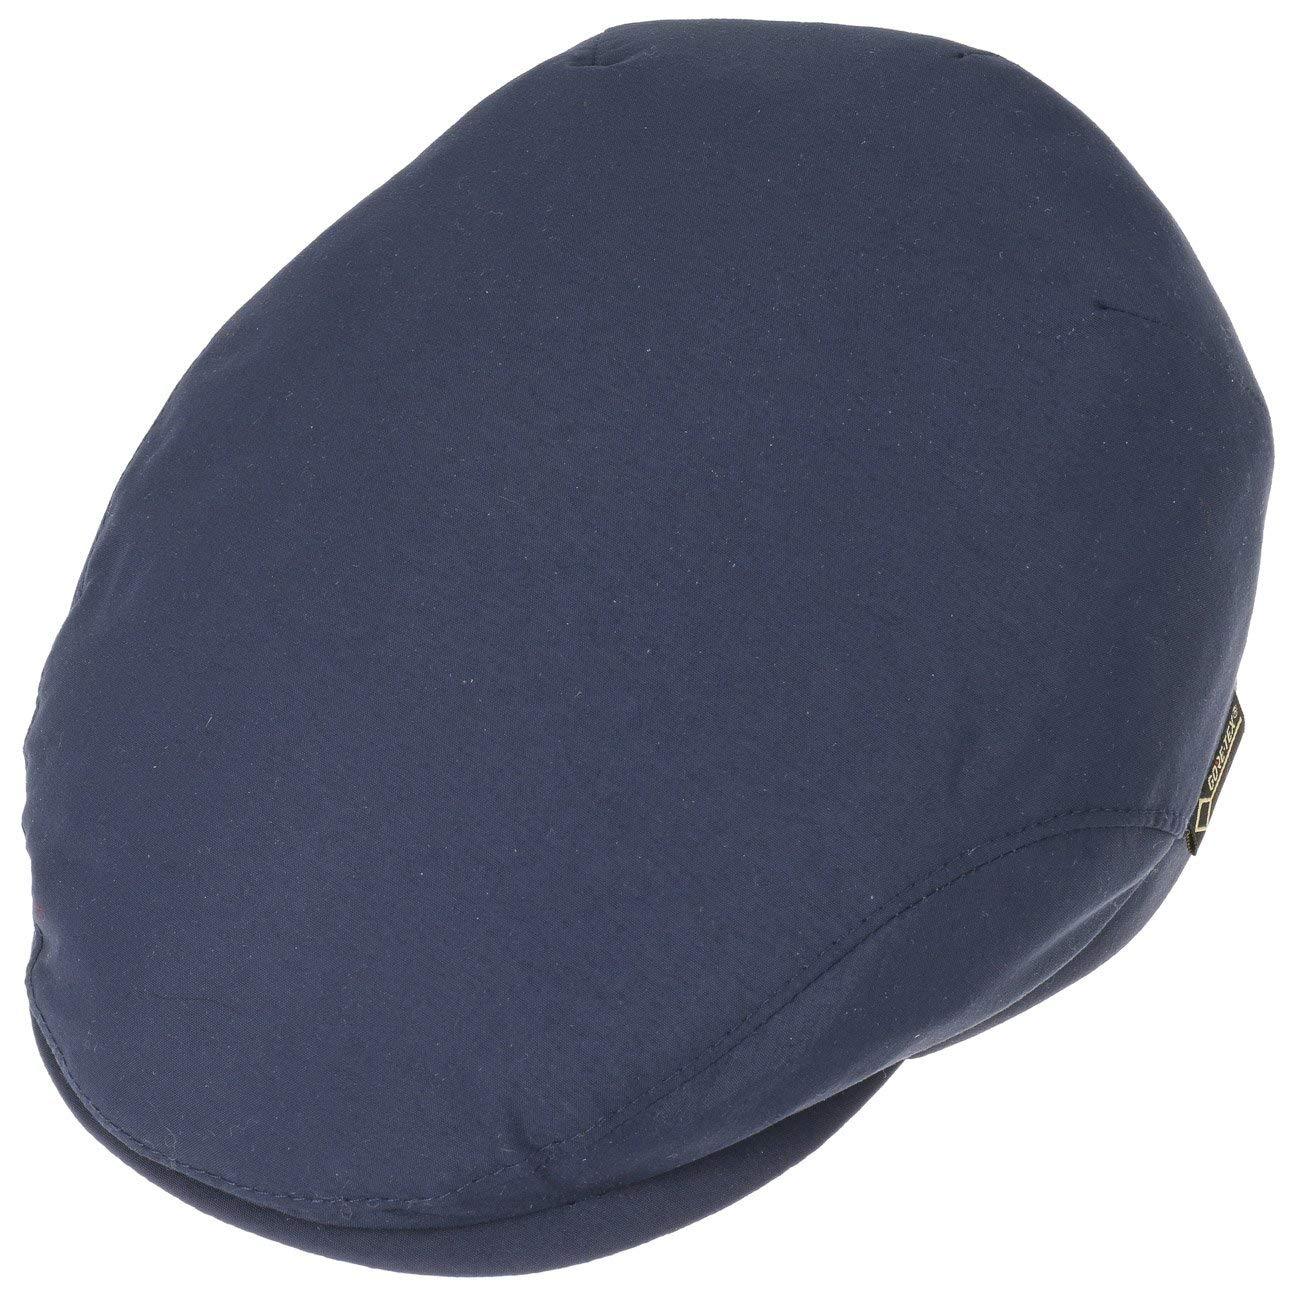 Lierys Gore-Tex Protect Light Flat Cap Women/Men Navy 7 1/2 by Lierys (Image #2)